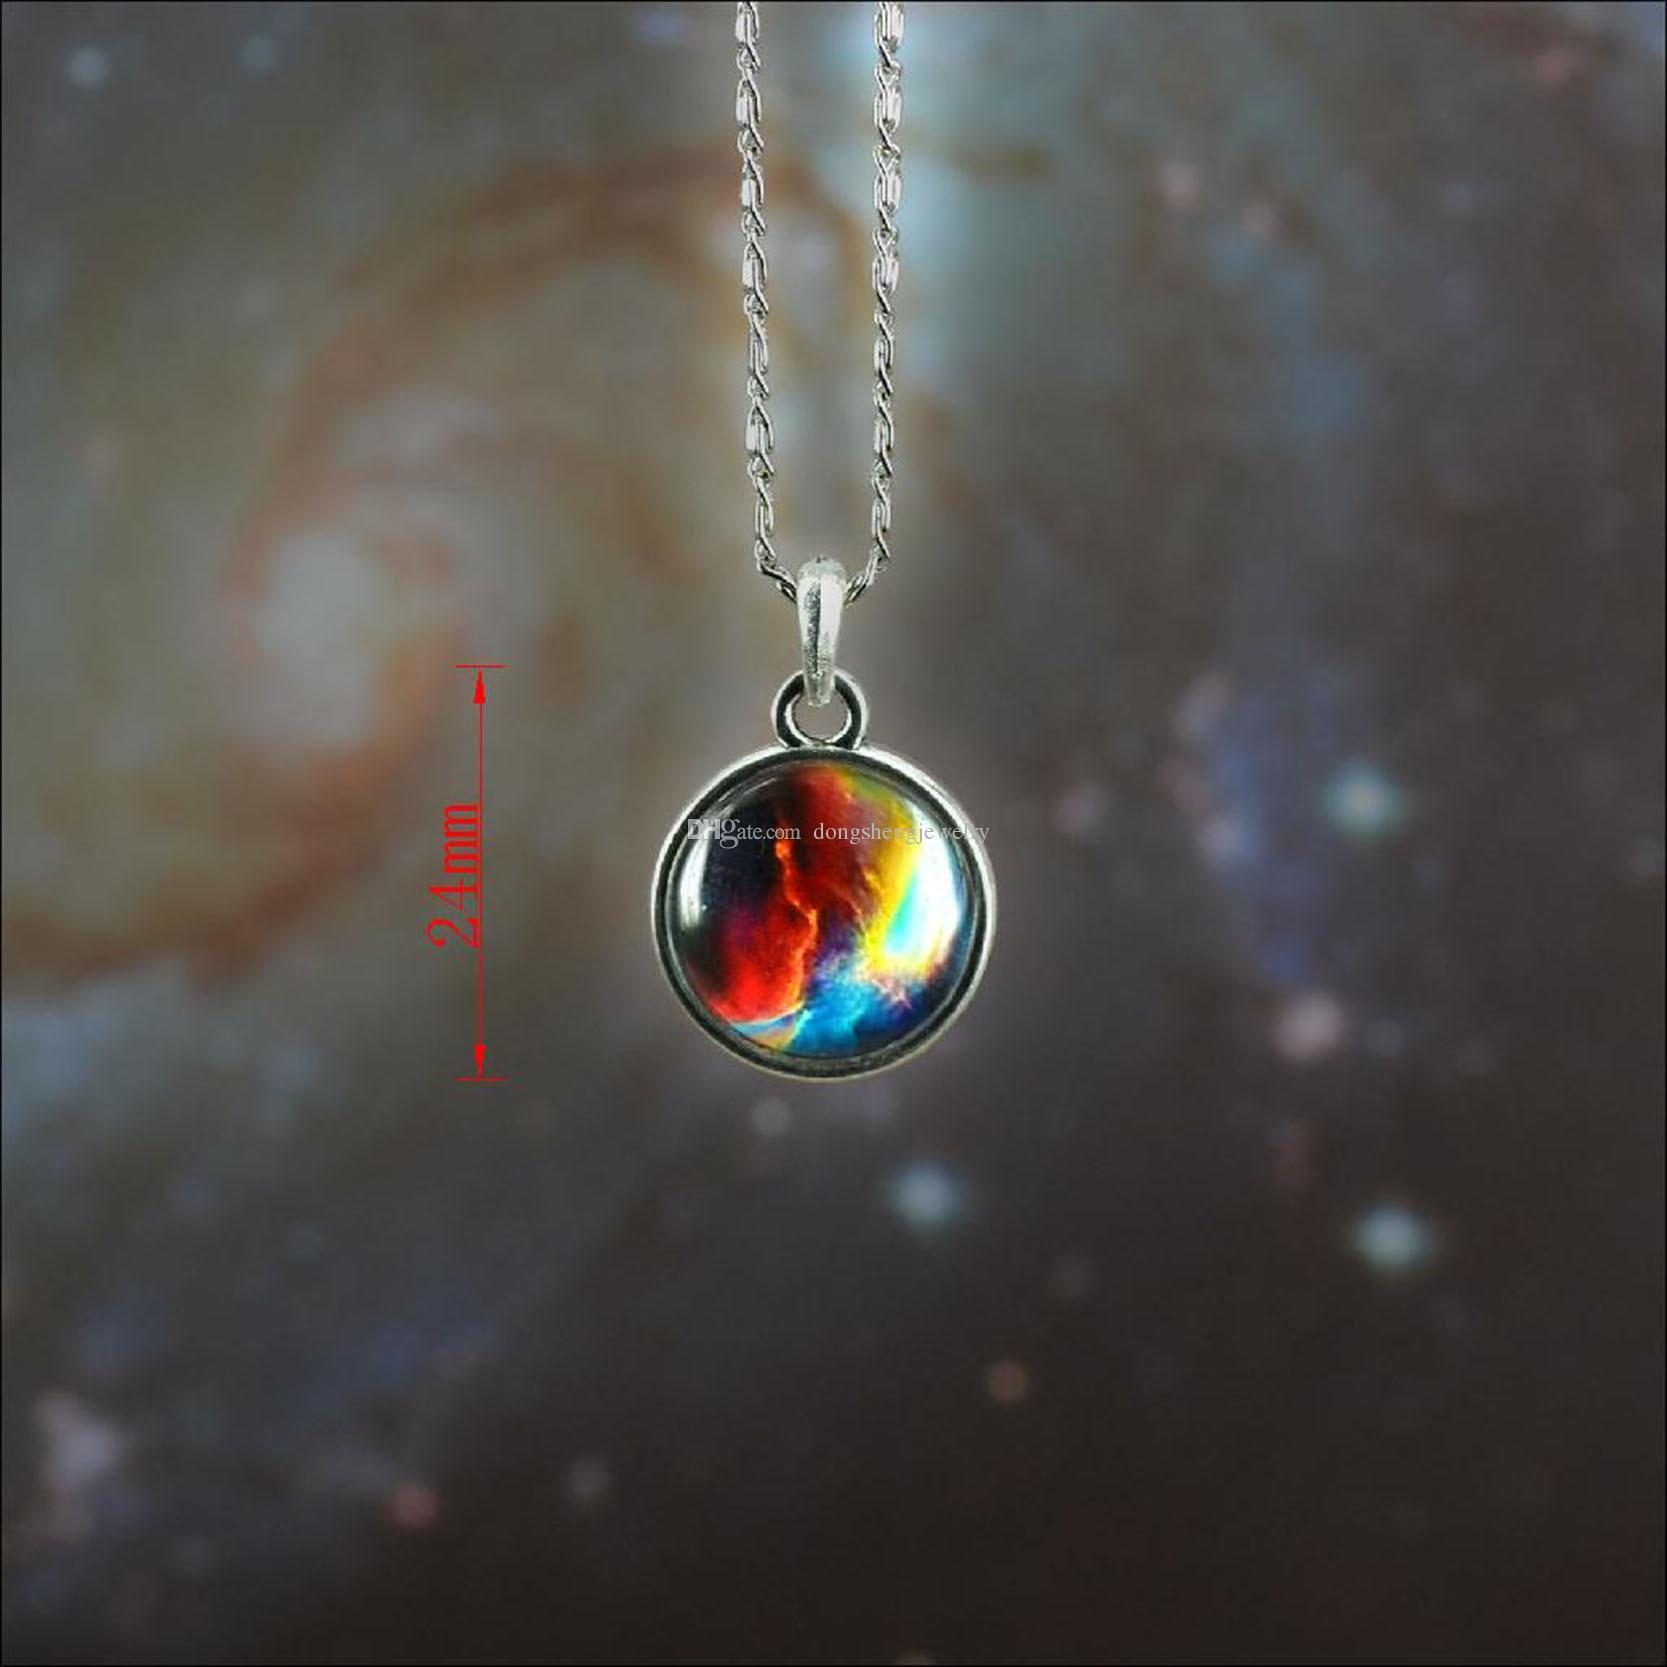 Nebula Jewelry DIY - Pics about space